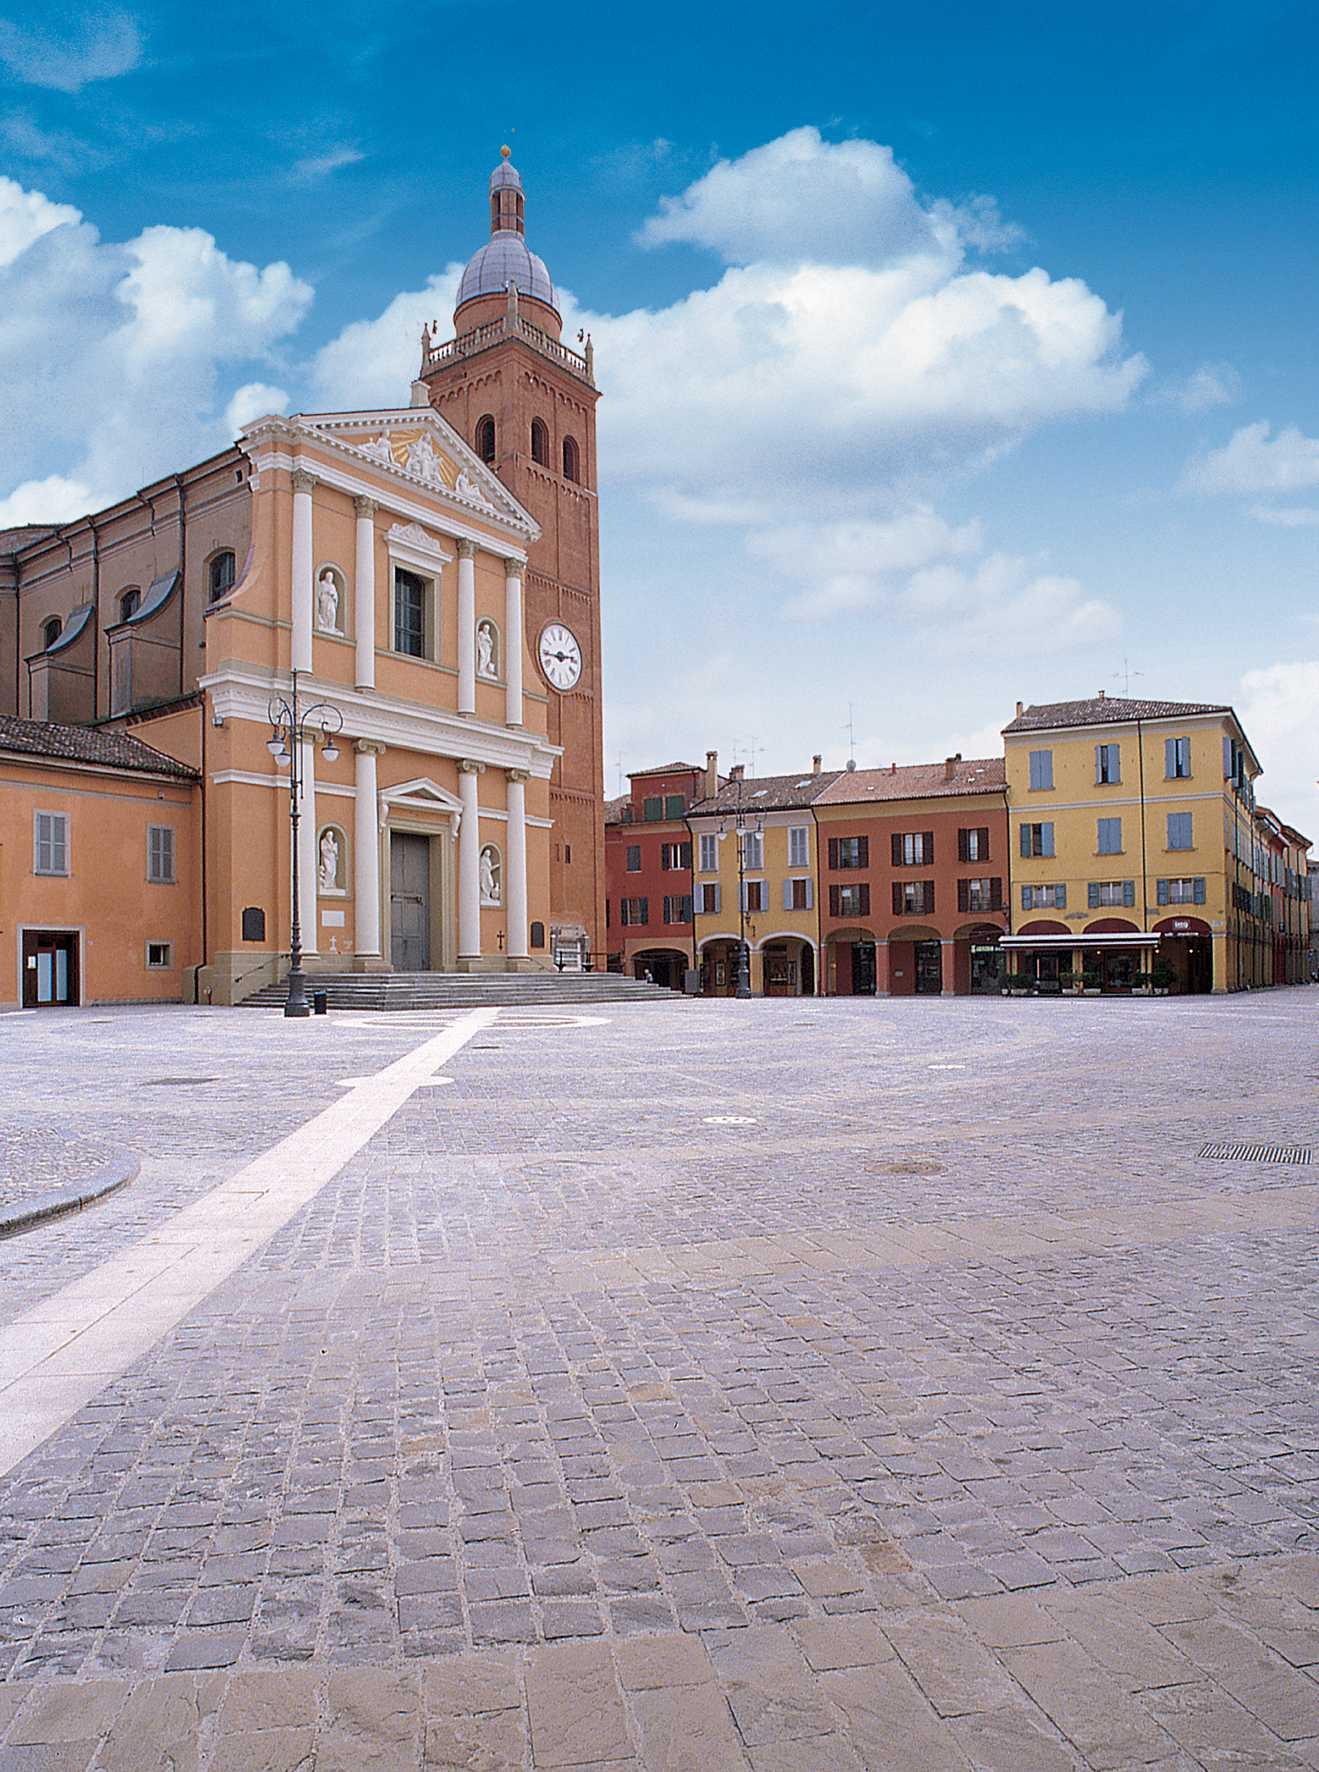 La piazza di San Giovanni in Persicento